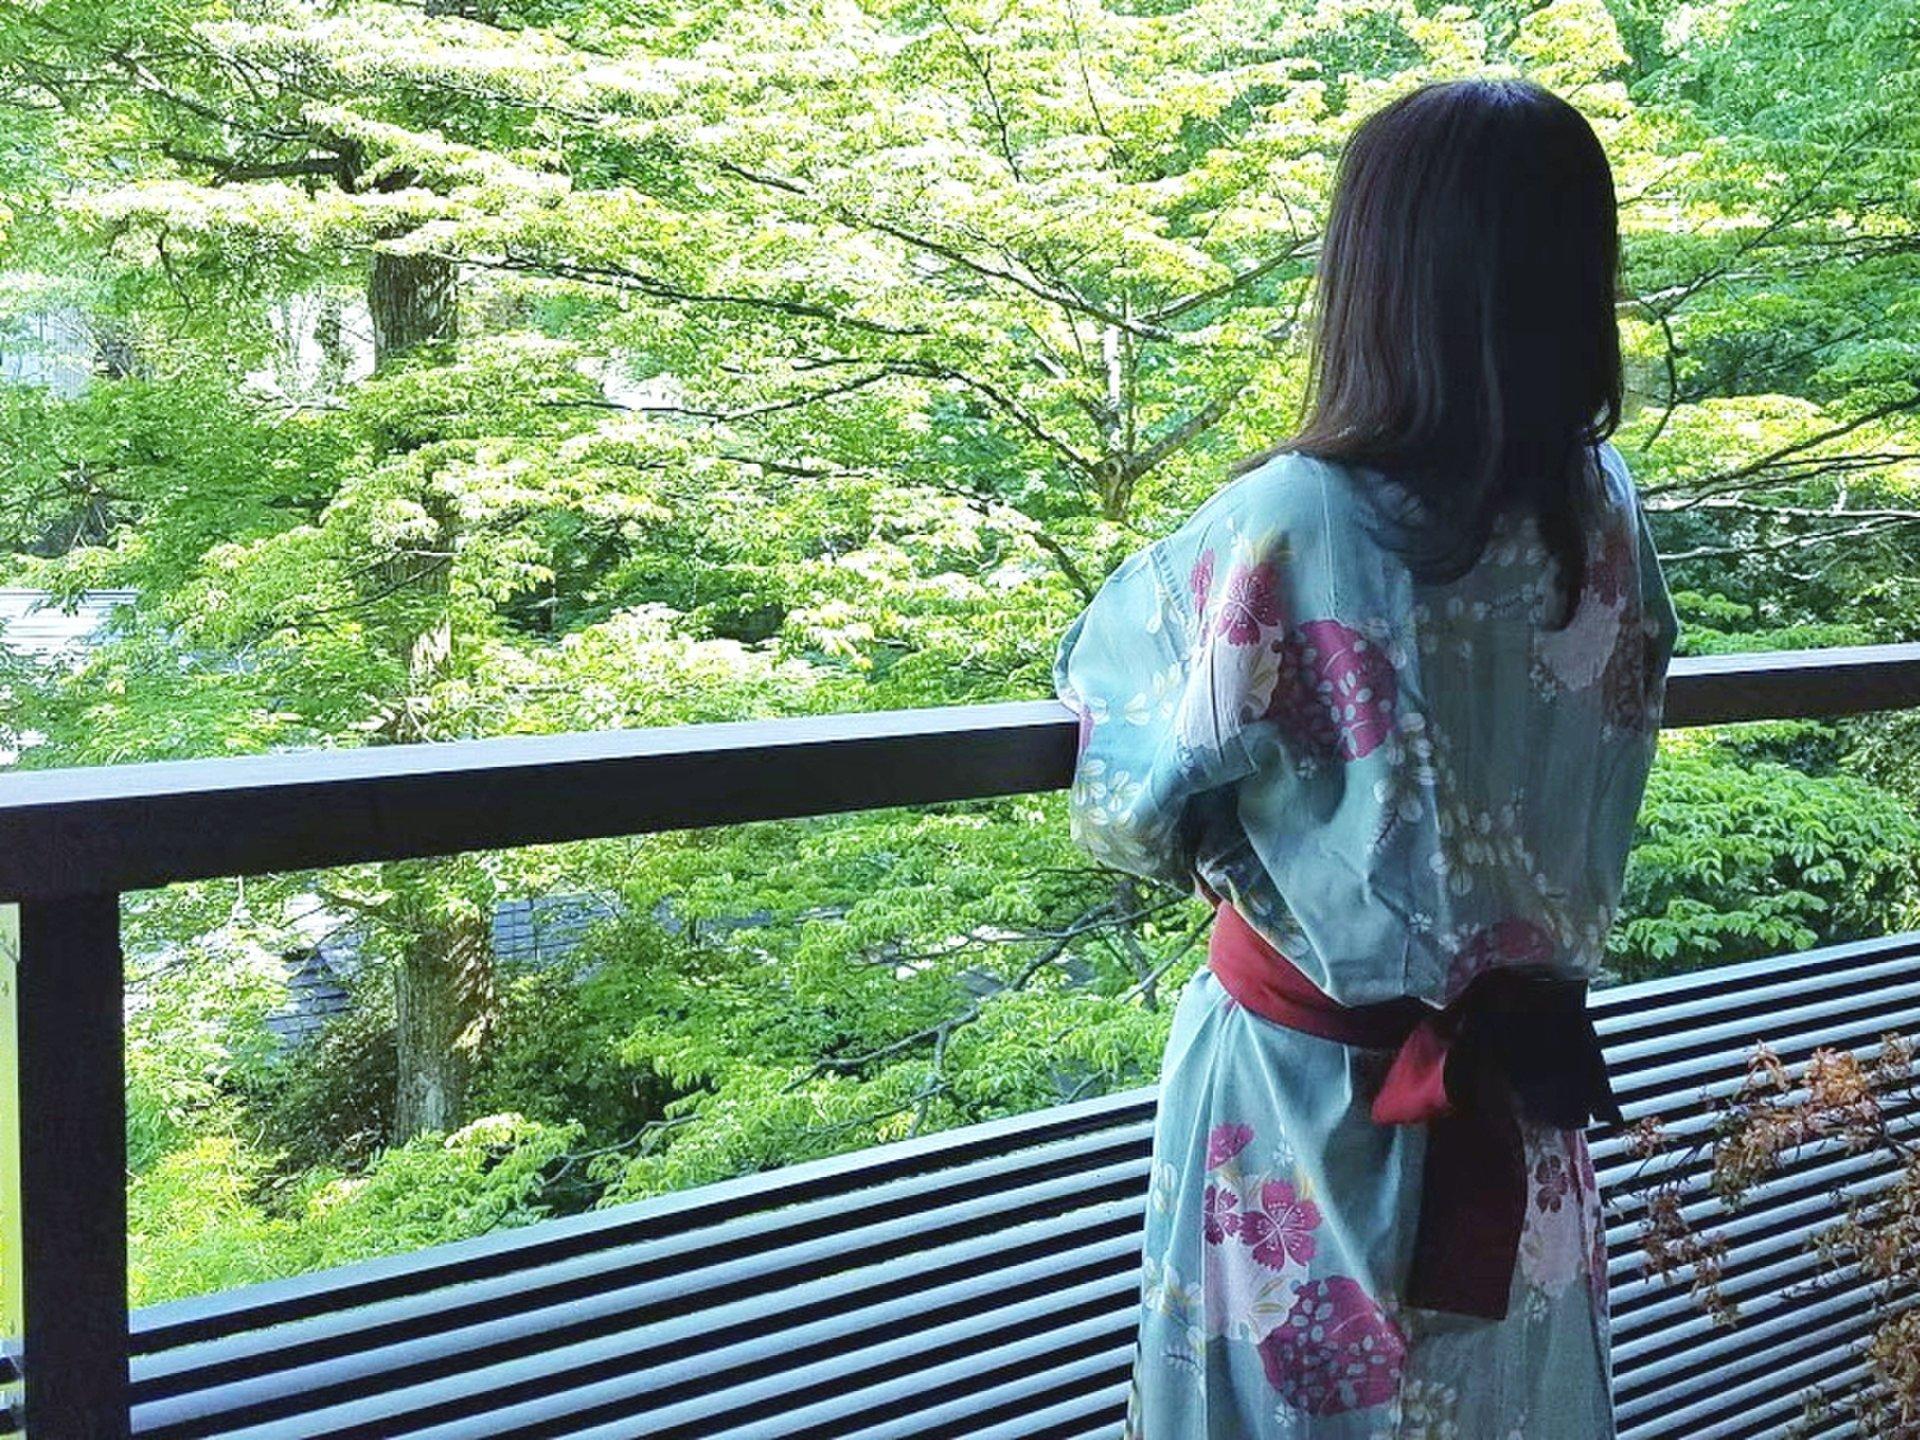 たまにはのんびり現実逃避♪東京からスグ行ける箱根で日々の疲れを癒やしに行こう♡